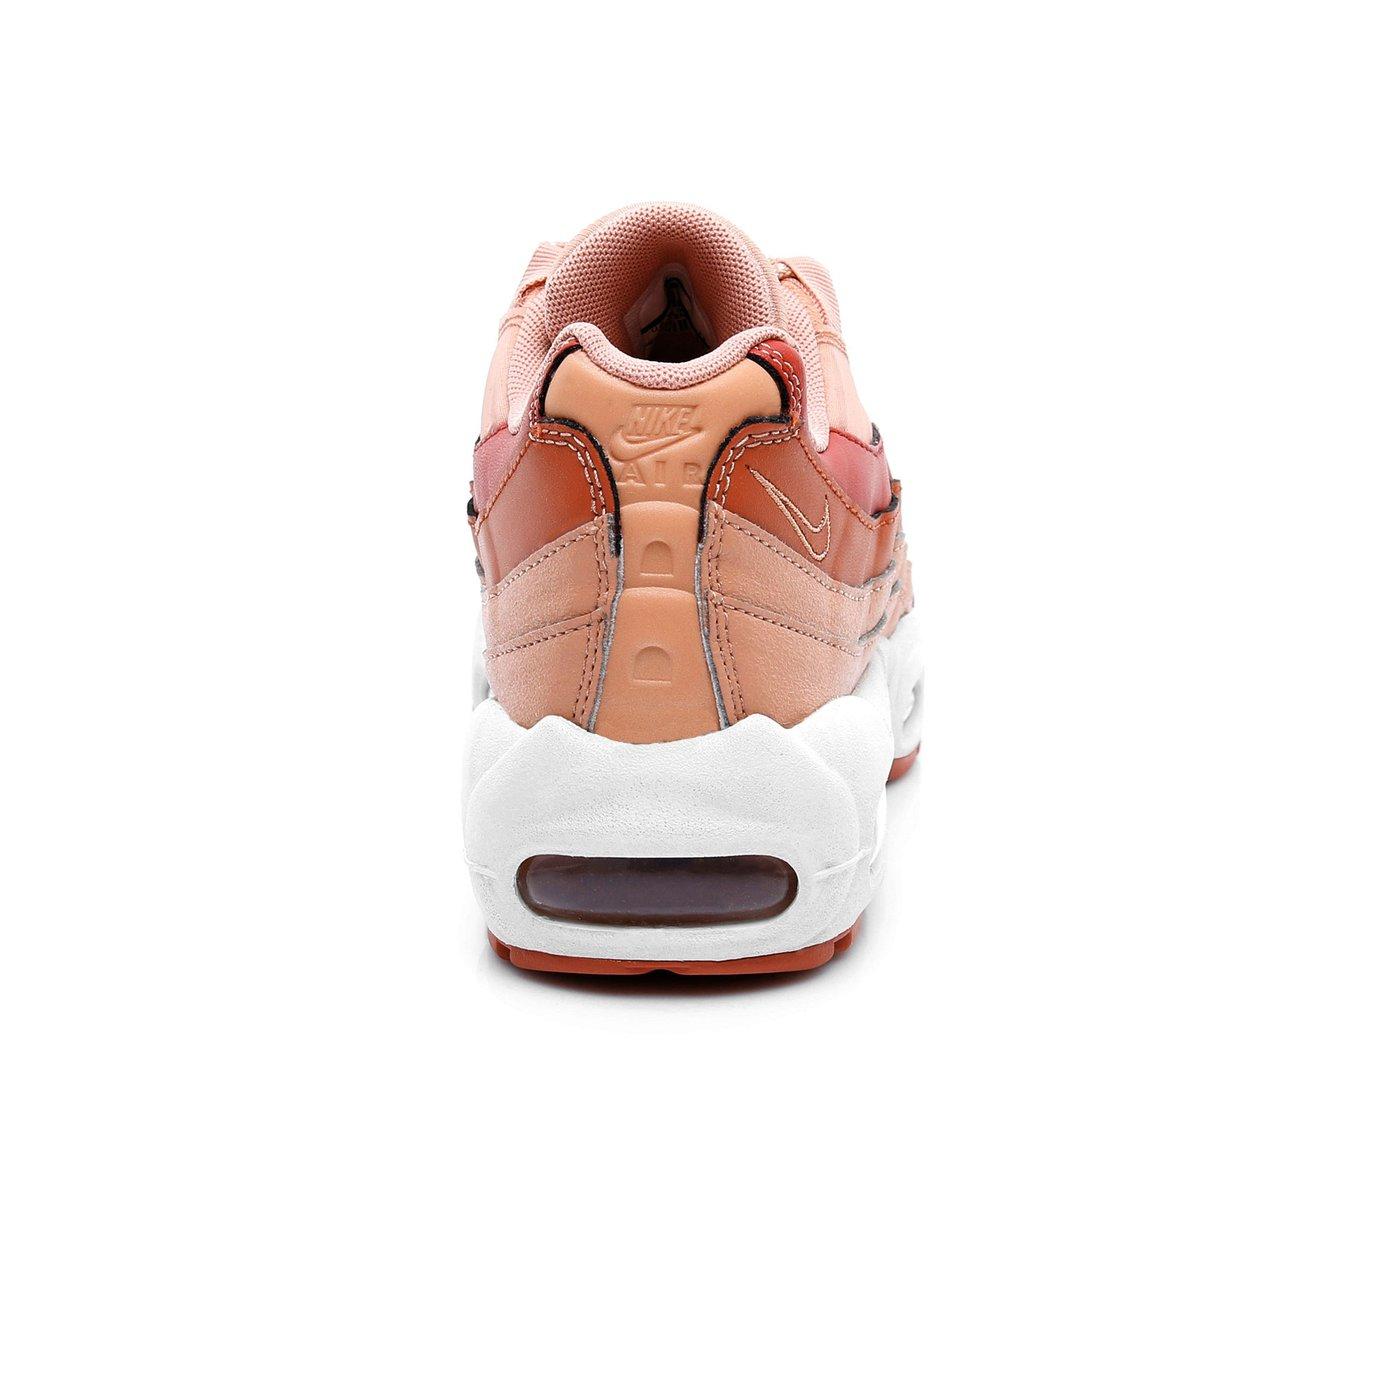 Nike Wmns Air Max 95 Kadın Turuncu Spor Ayakkabı